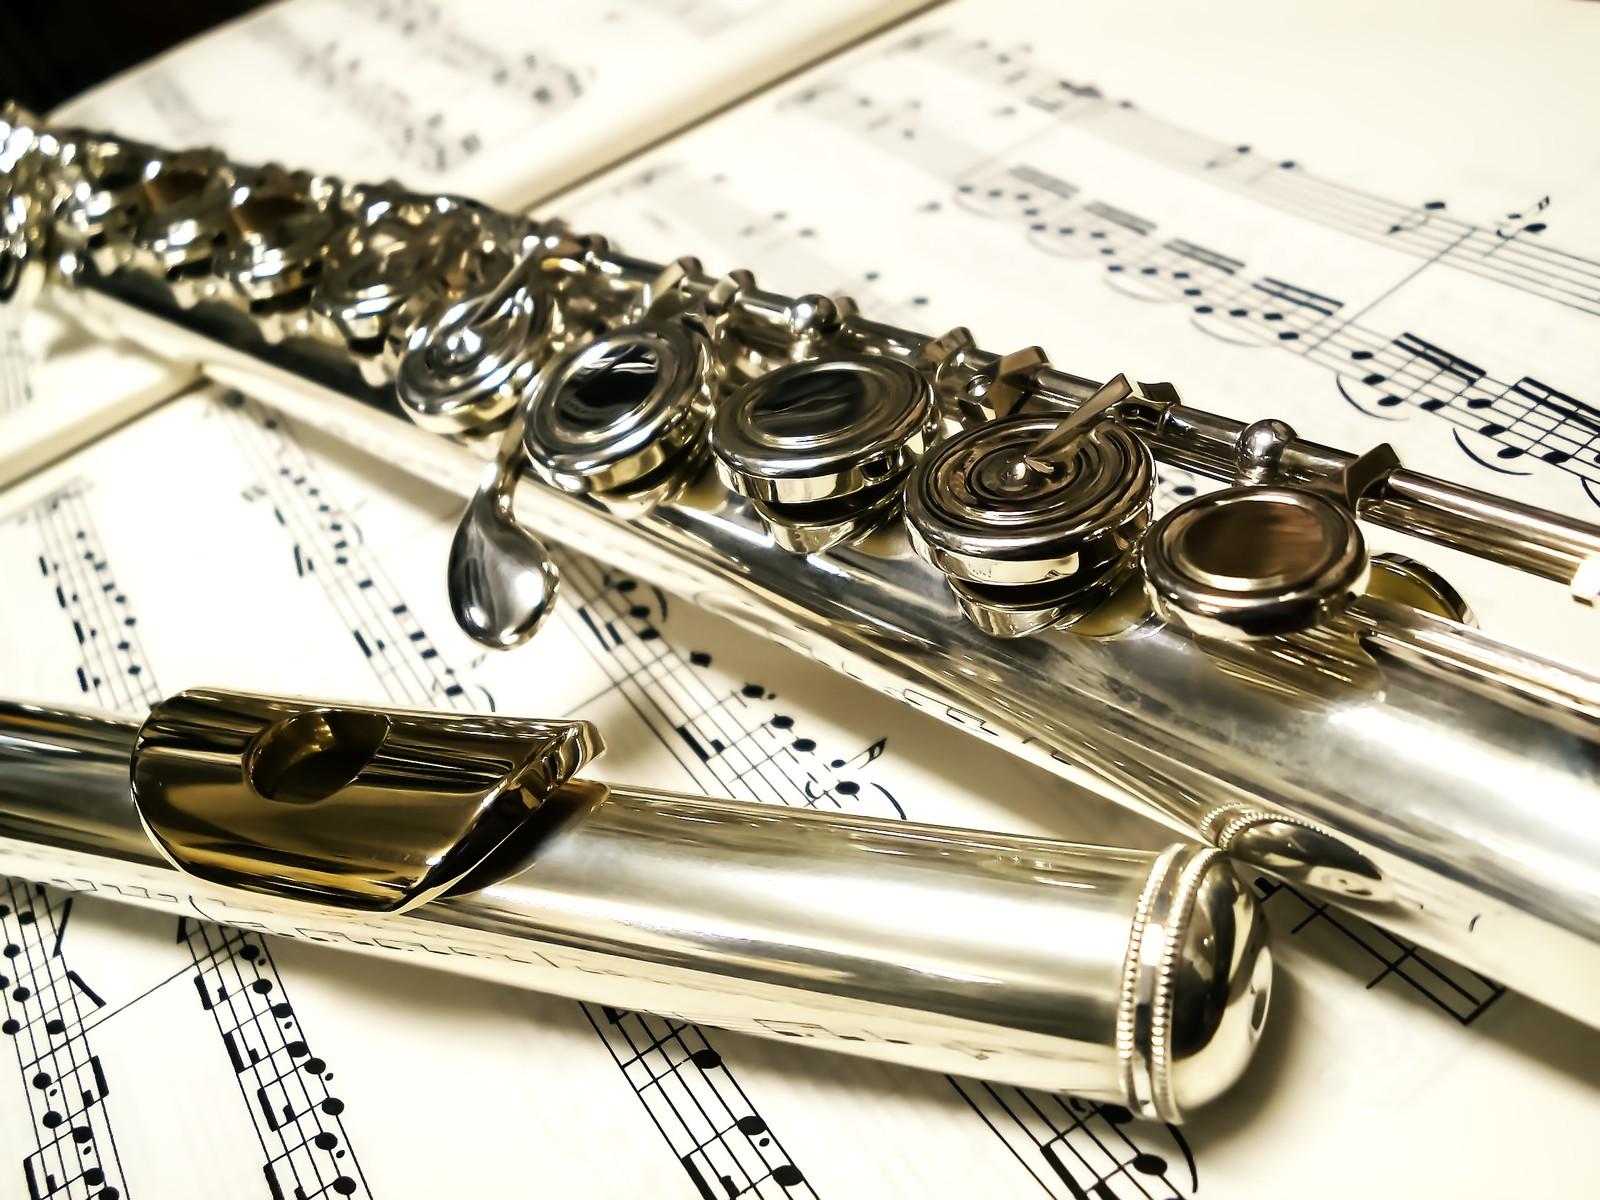 フルート教室 魅力的な音色にするための練習法 音楽教室 ノア